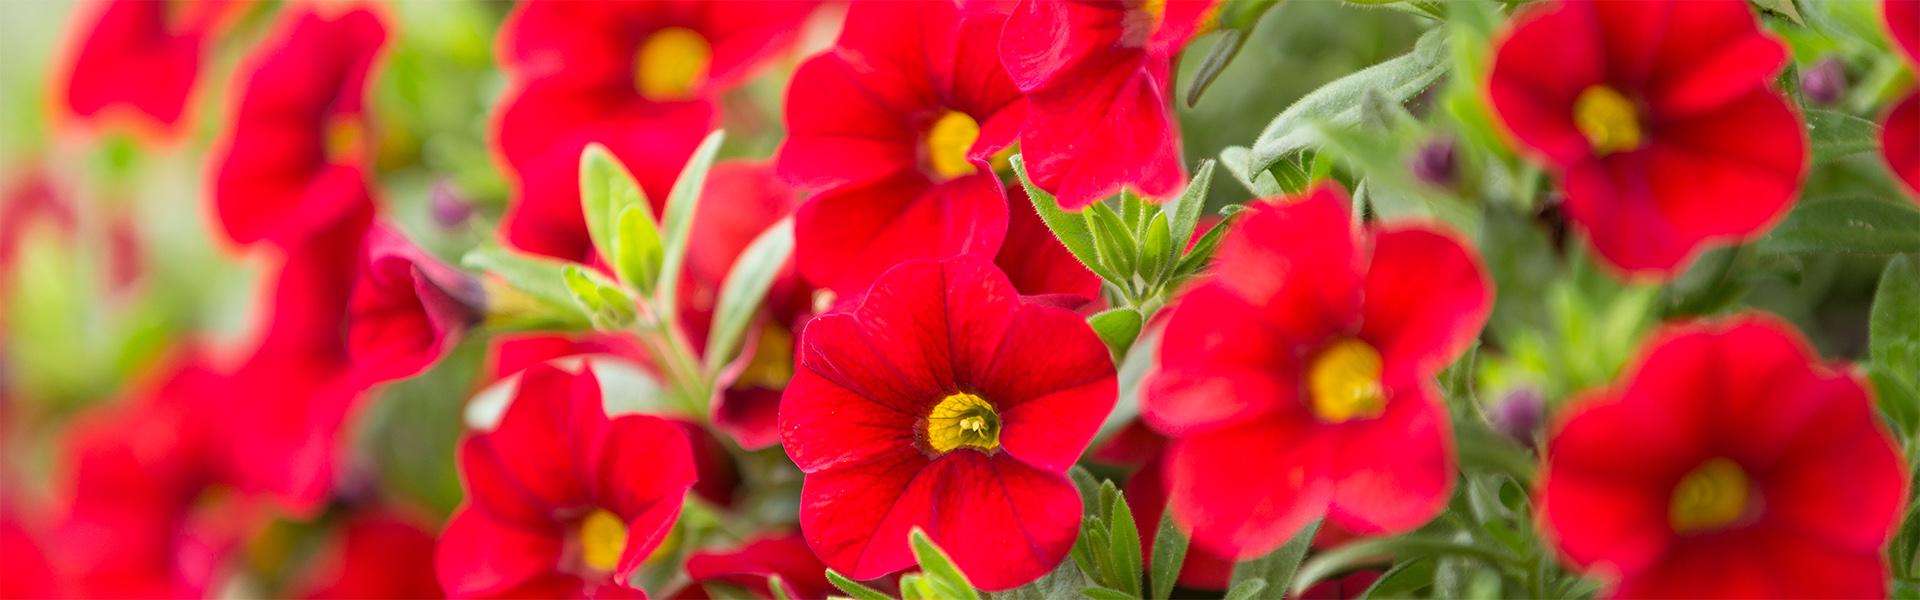 """<p data-aos=fade-up style=""""text-align:center""""><strong>Garden center close to you</strong></p>  <p data-aos=fade-up style=""""text-align:center"""">Open daily</p> <p class=vice data-aos=fade-up><a href=""""https://www.zahradaflora.cz/en/contacts/"""">More here</a></p>"""